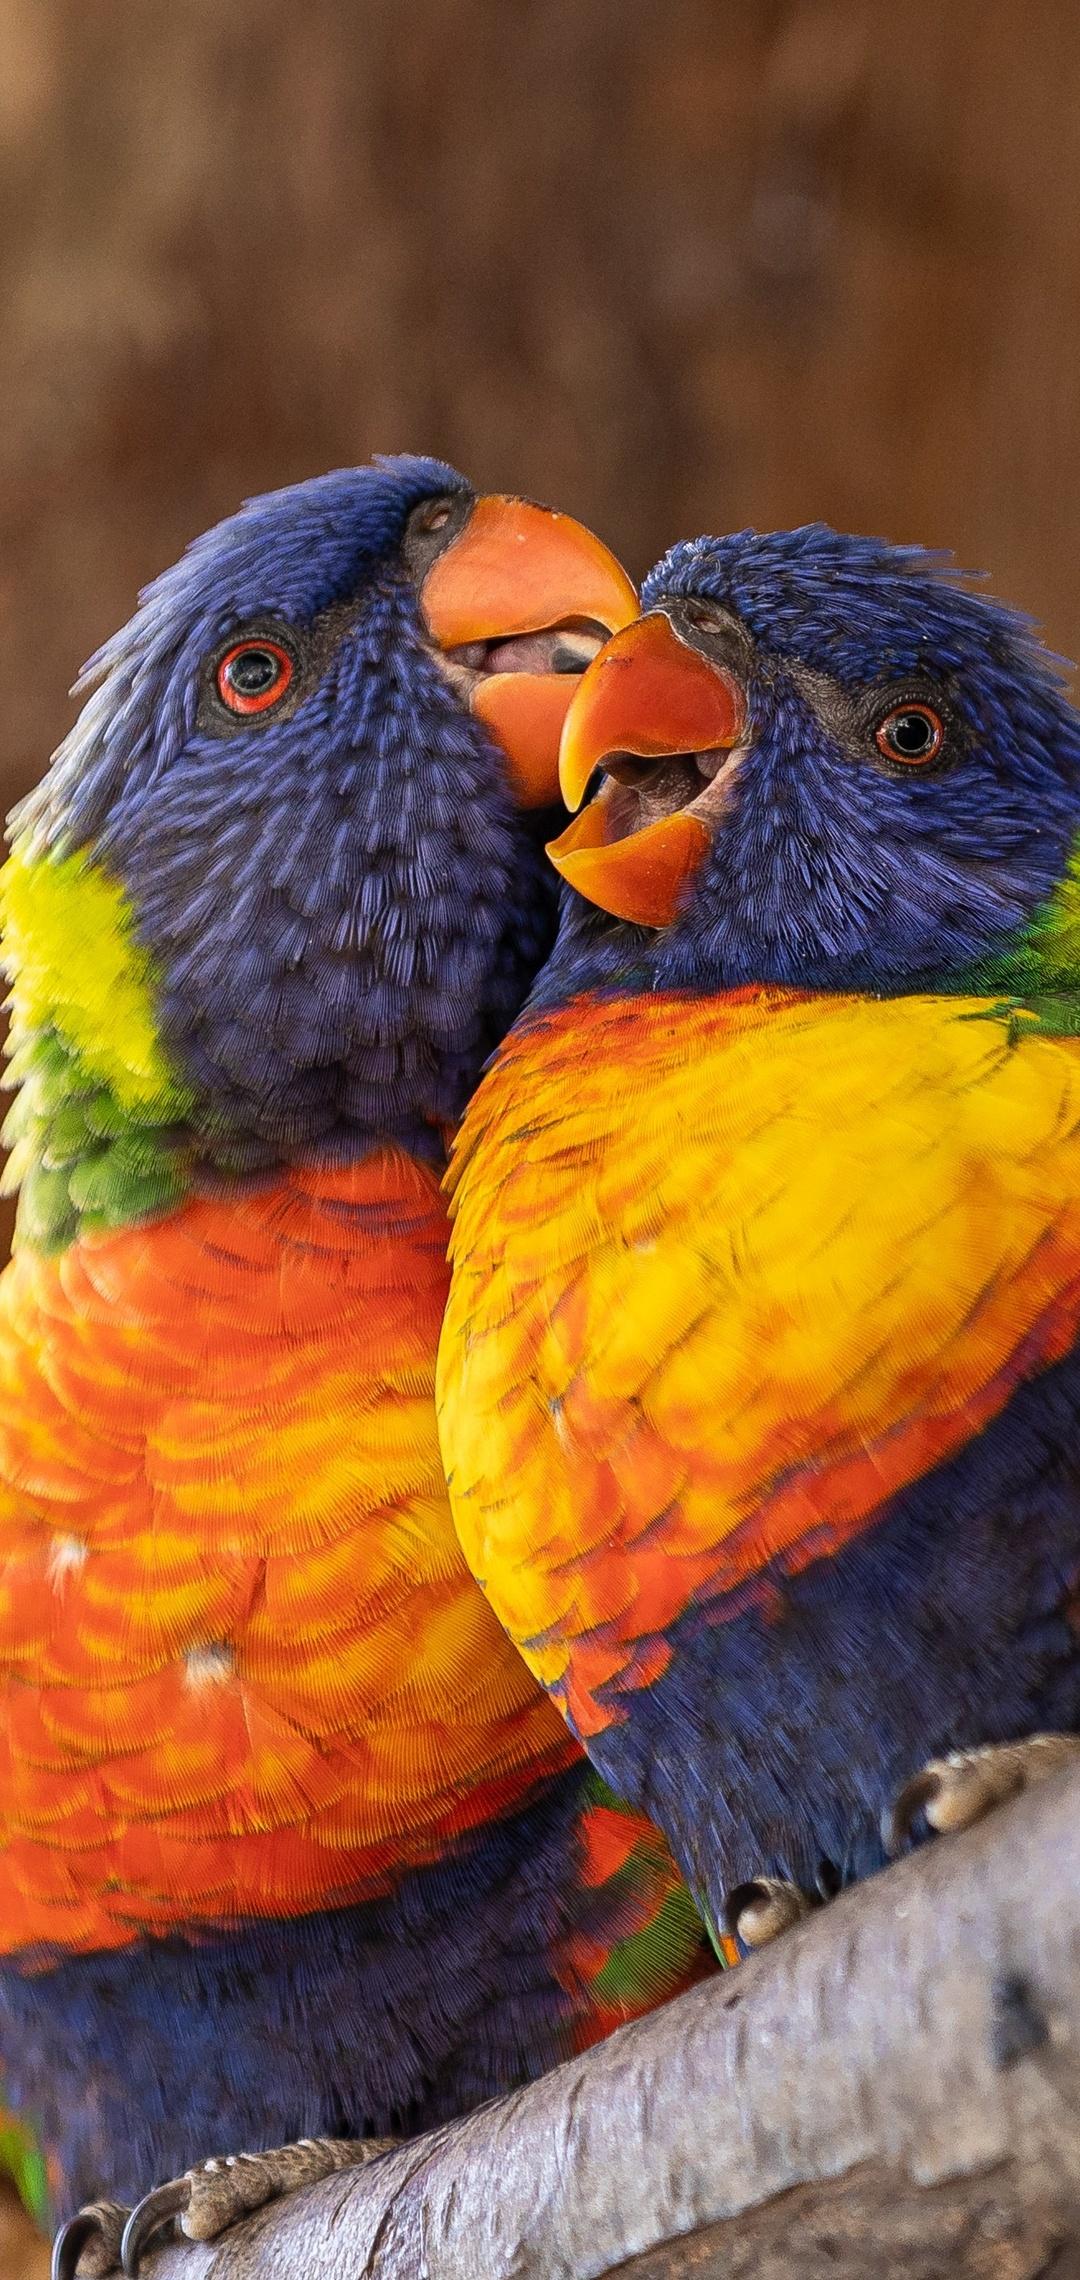 close-up-perched-birds-4k-0l.jpg